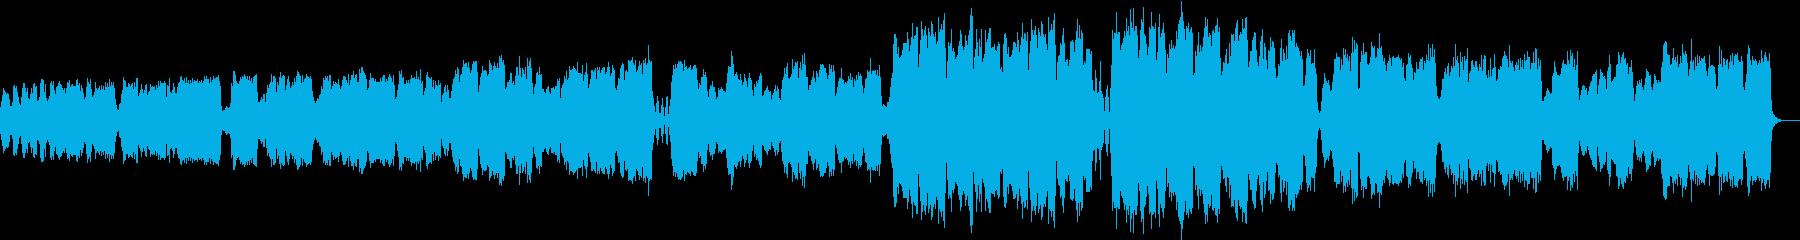 ゆっくりした弦楽四重奏の再生済みの波形